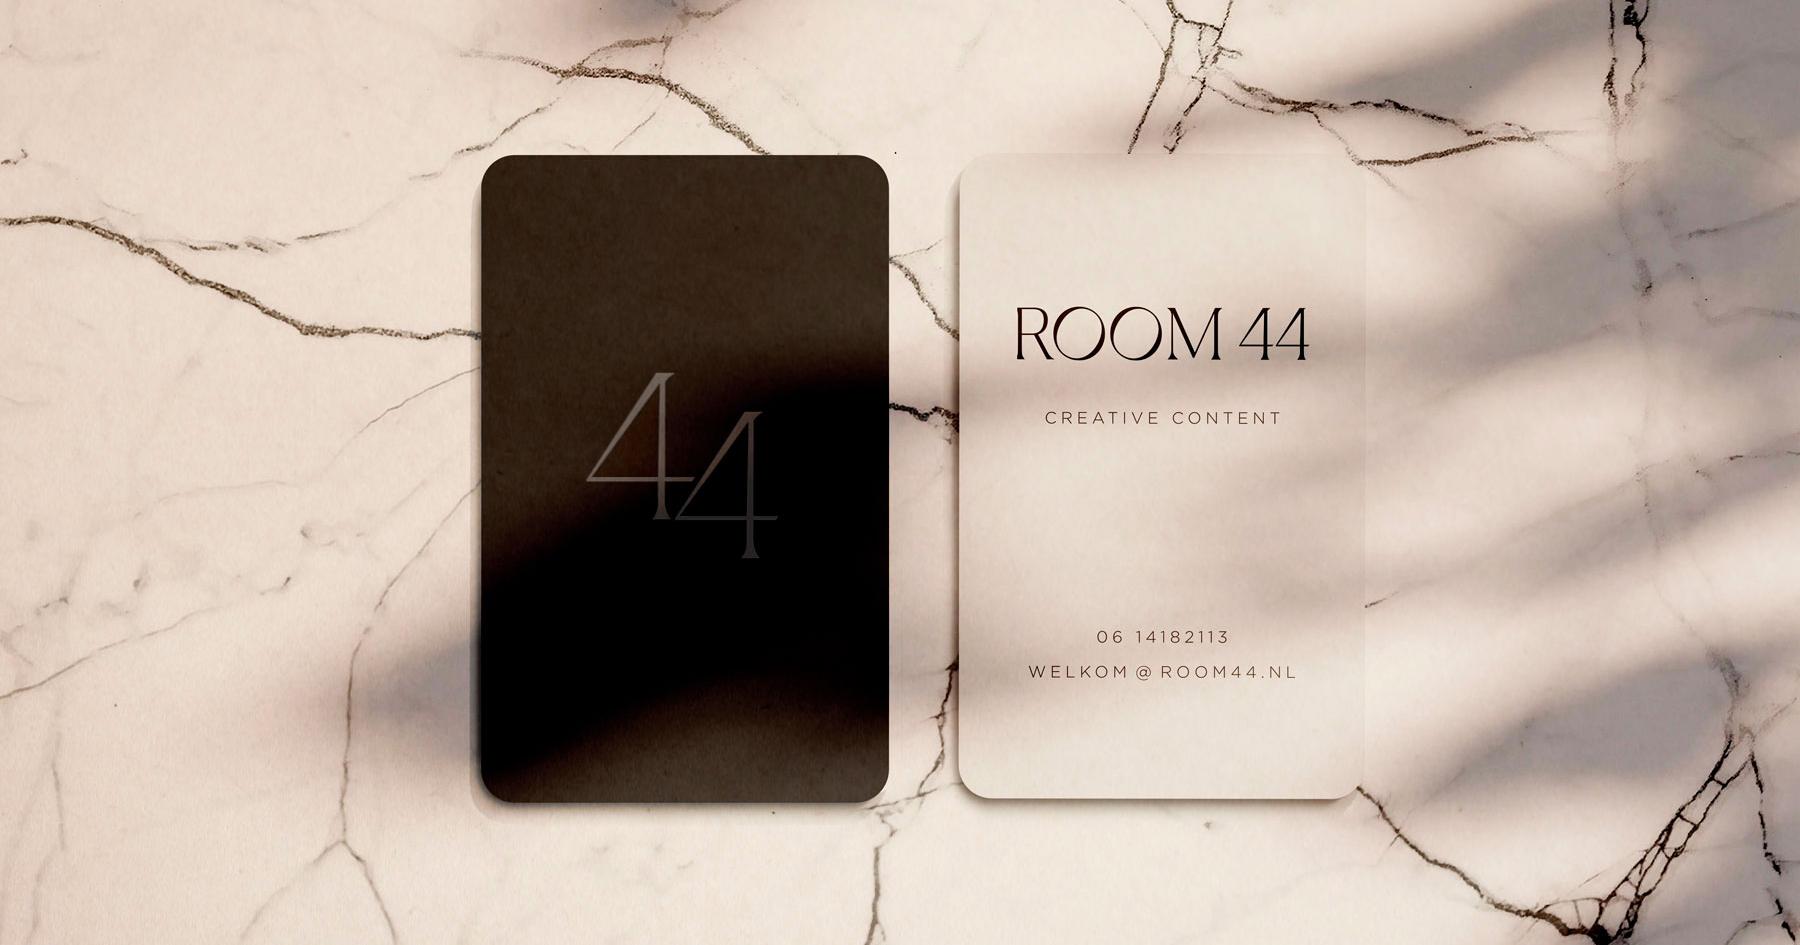 room44_bijzonder_visitekaartje_rotterdam_ontwerpen2